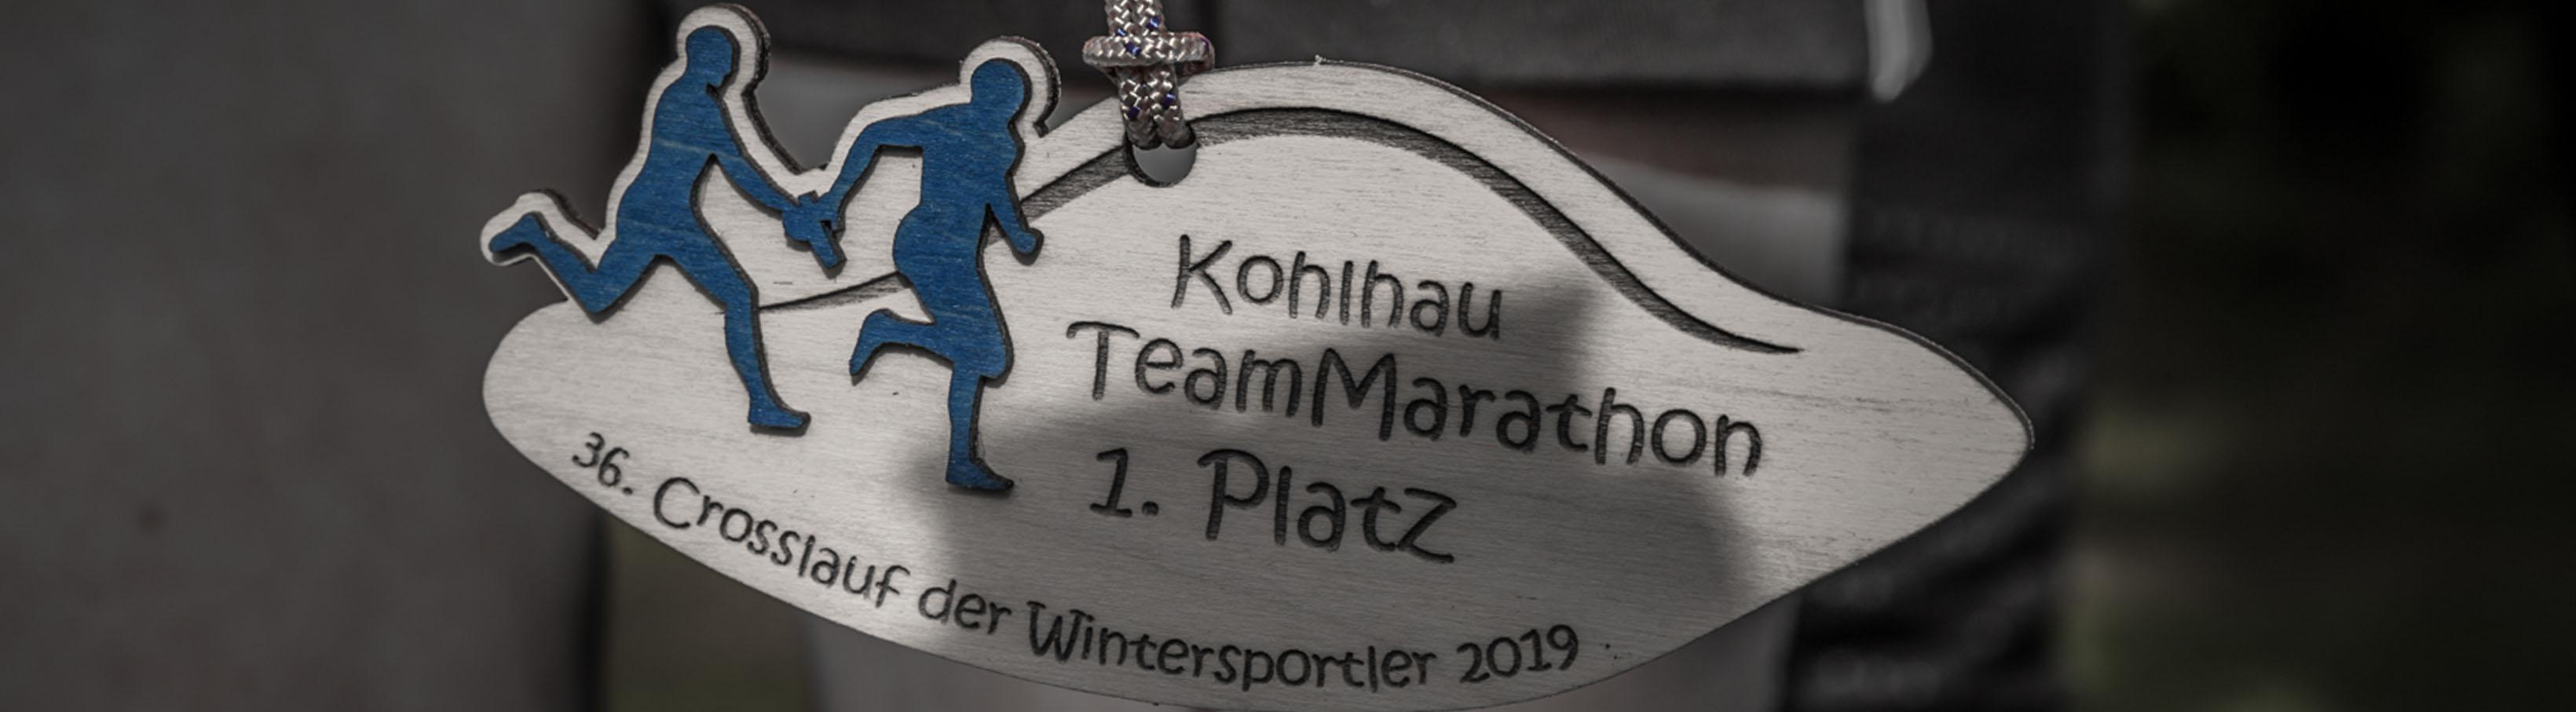 Kohlhau TeamMarathon 13.09.2020